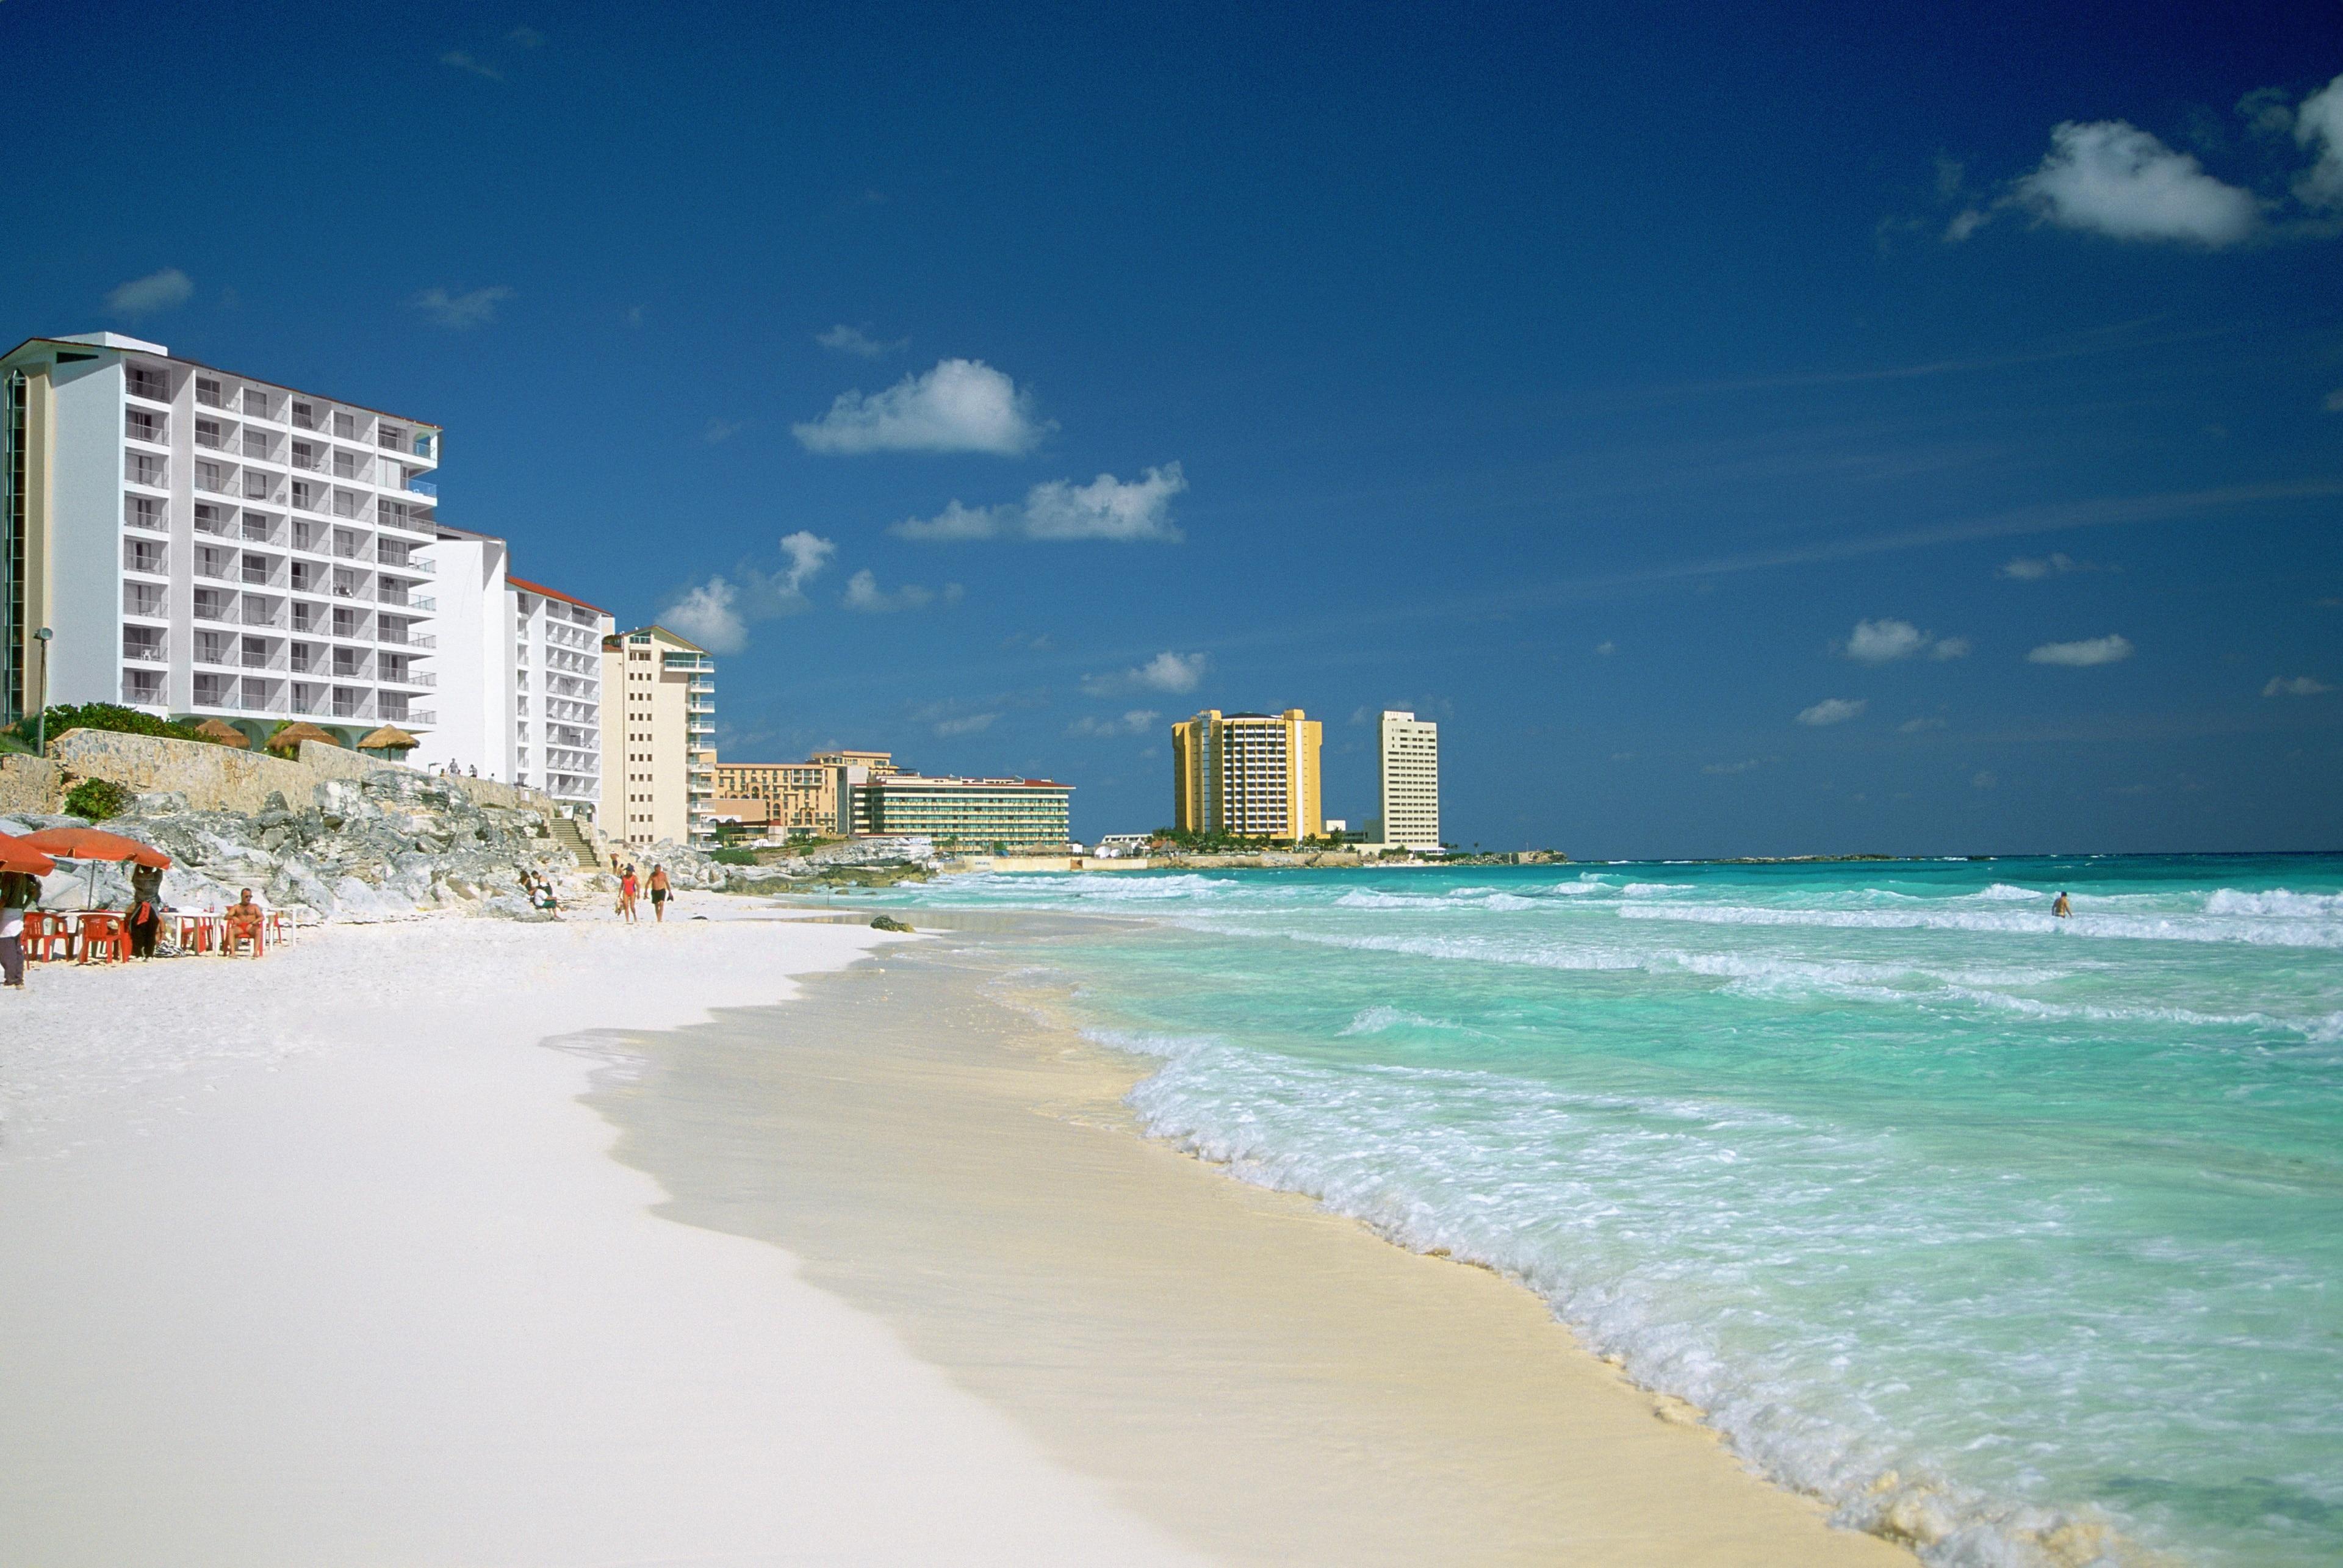 Playa Marlin, Cancún, Mexico